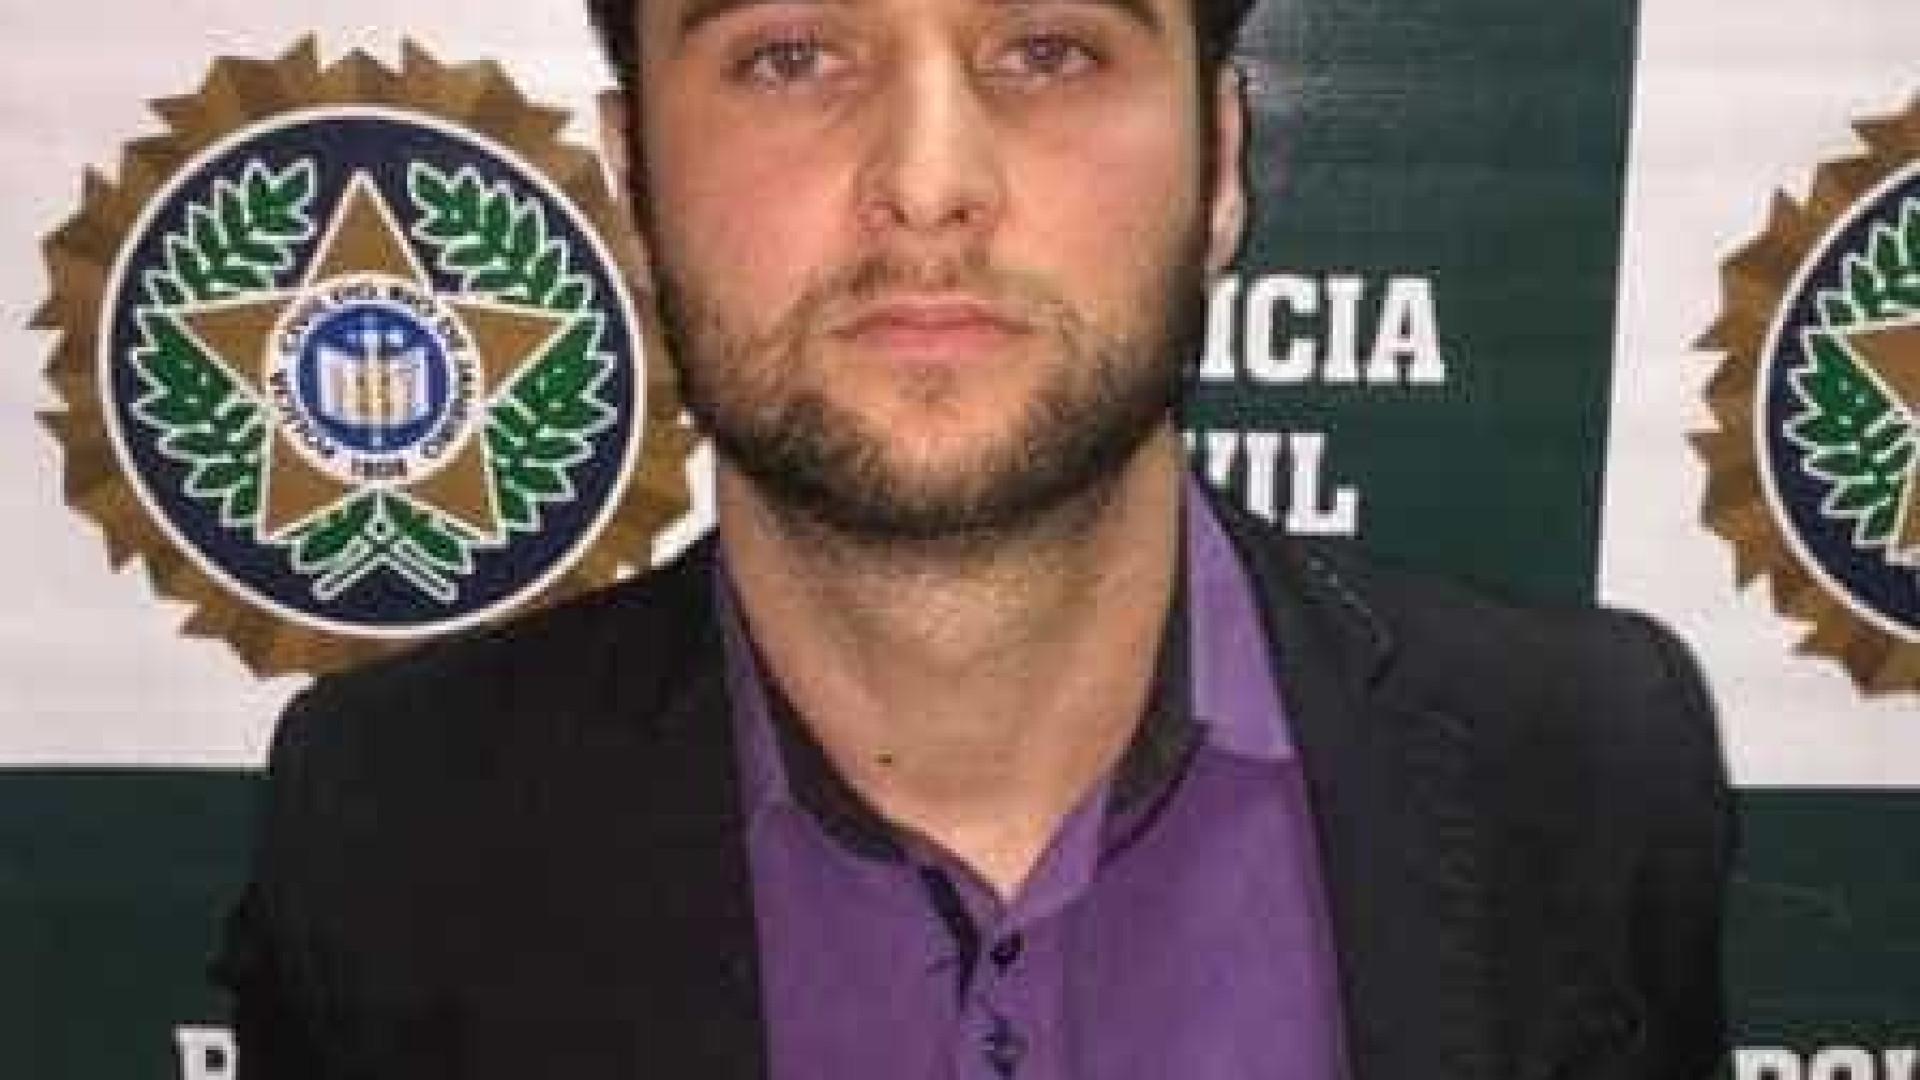 Foragido da polícia, motorista do Uber é preso na Zona Norte do Rio